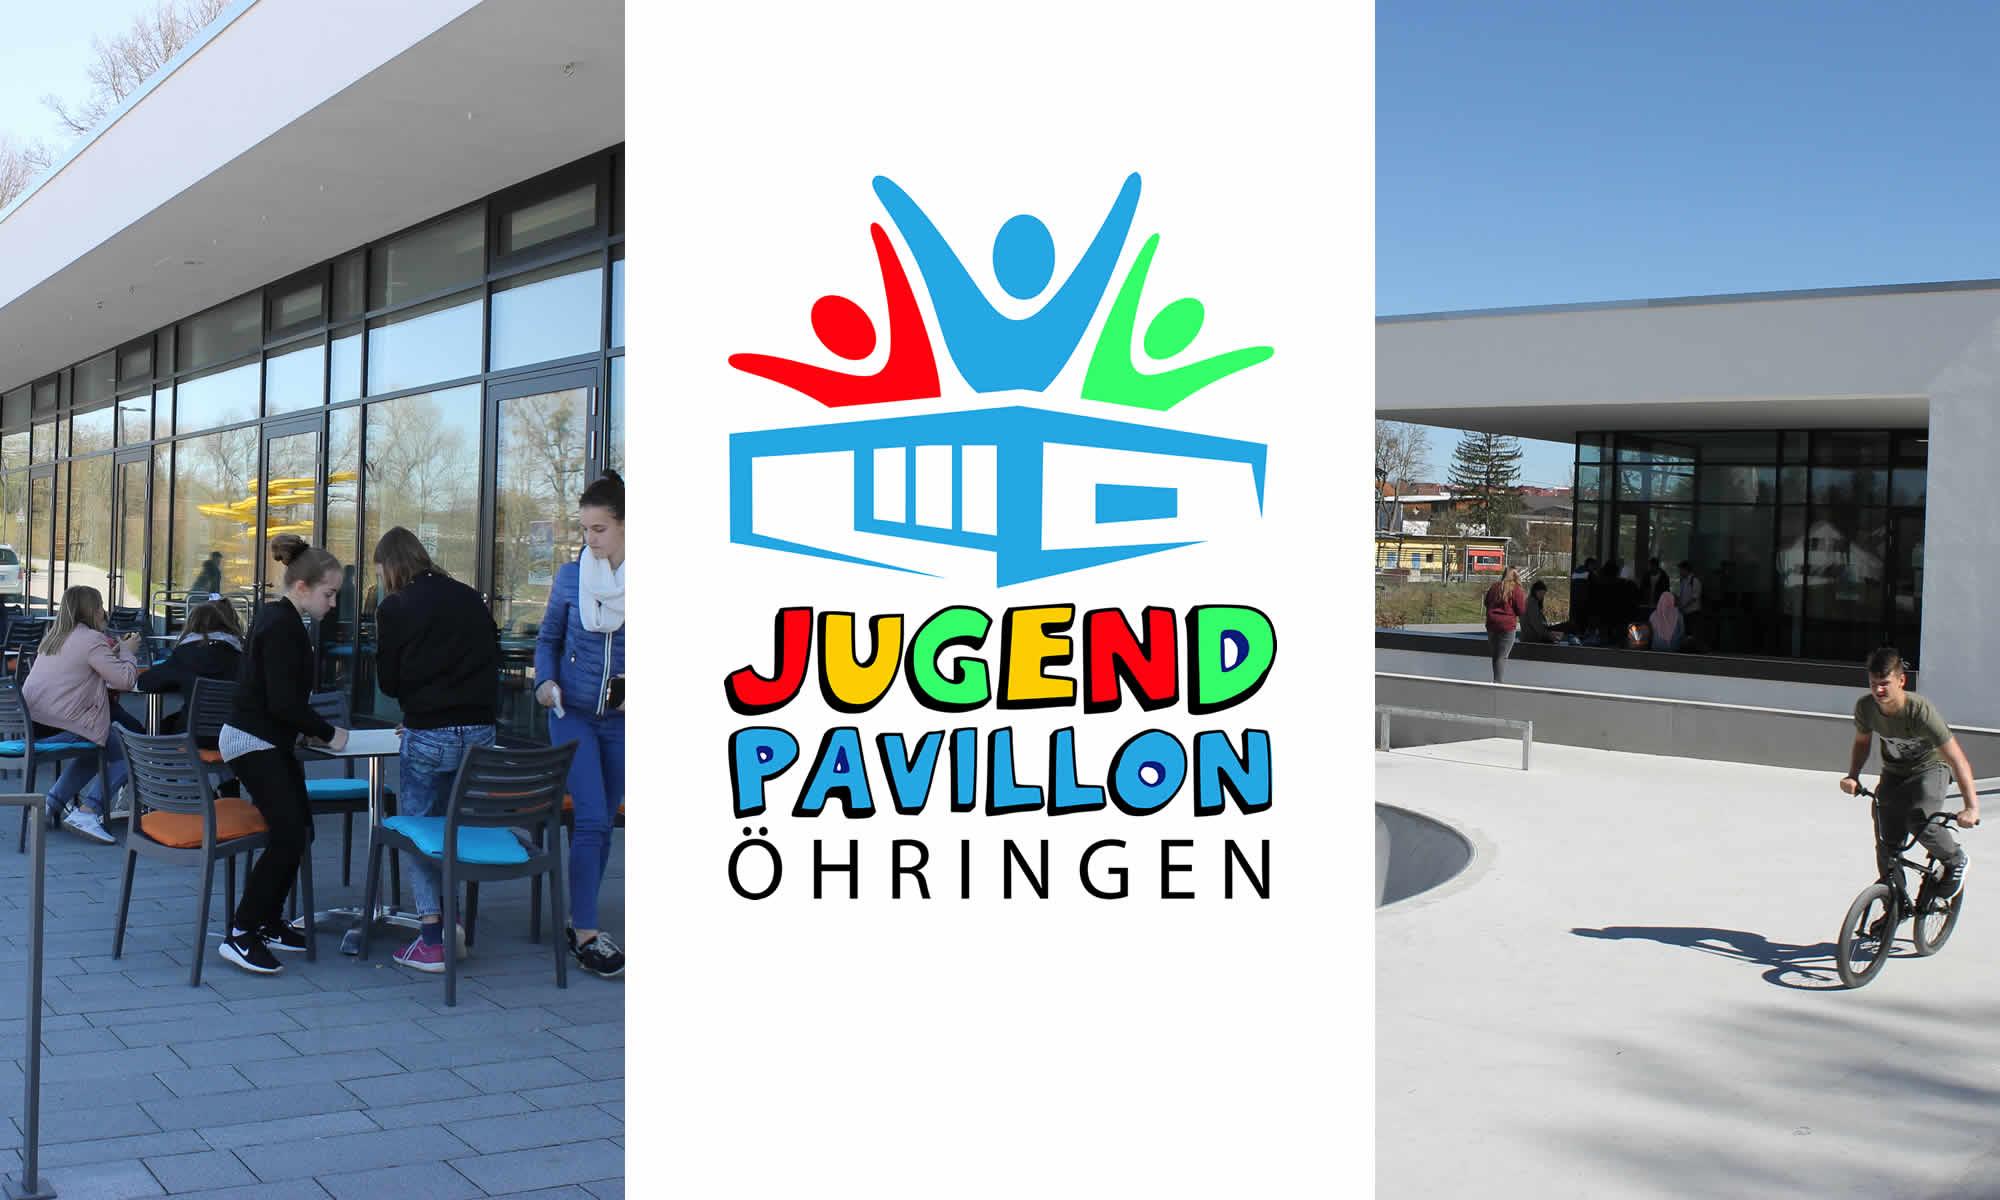 Jugendpavillon Öhringen